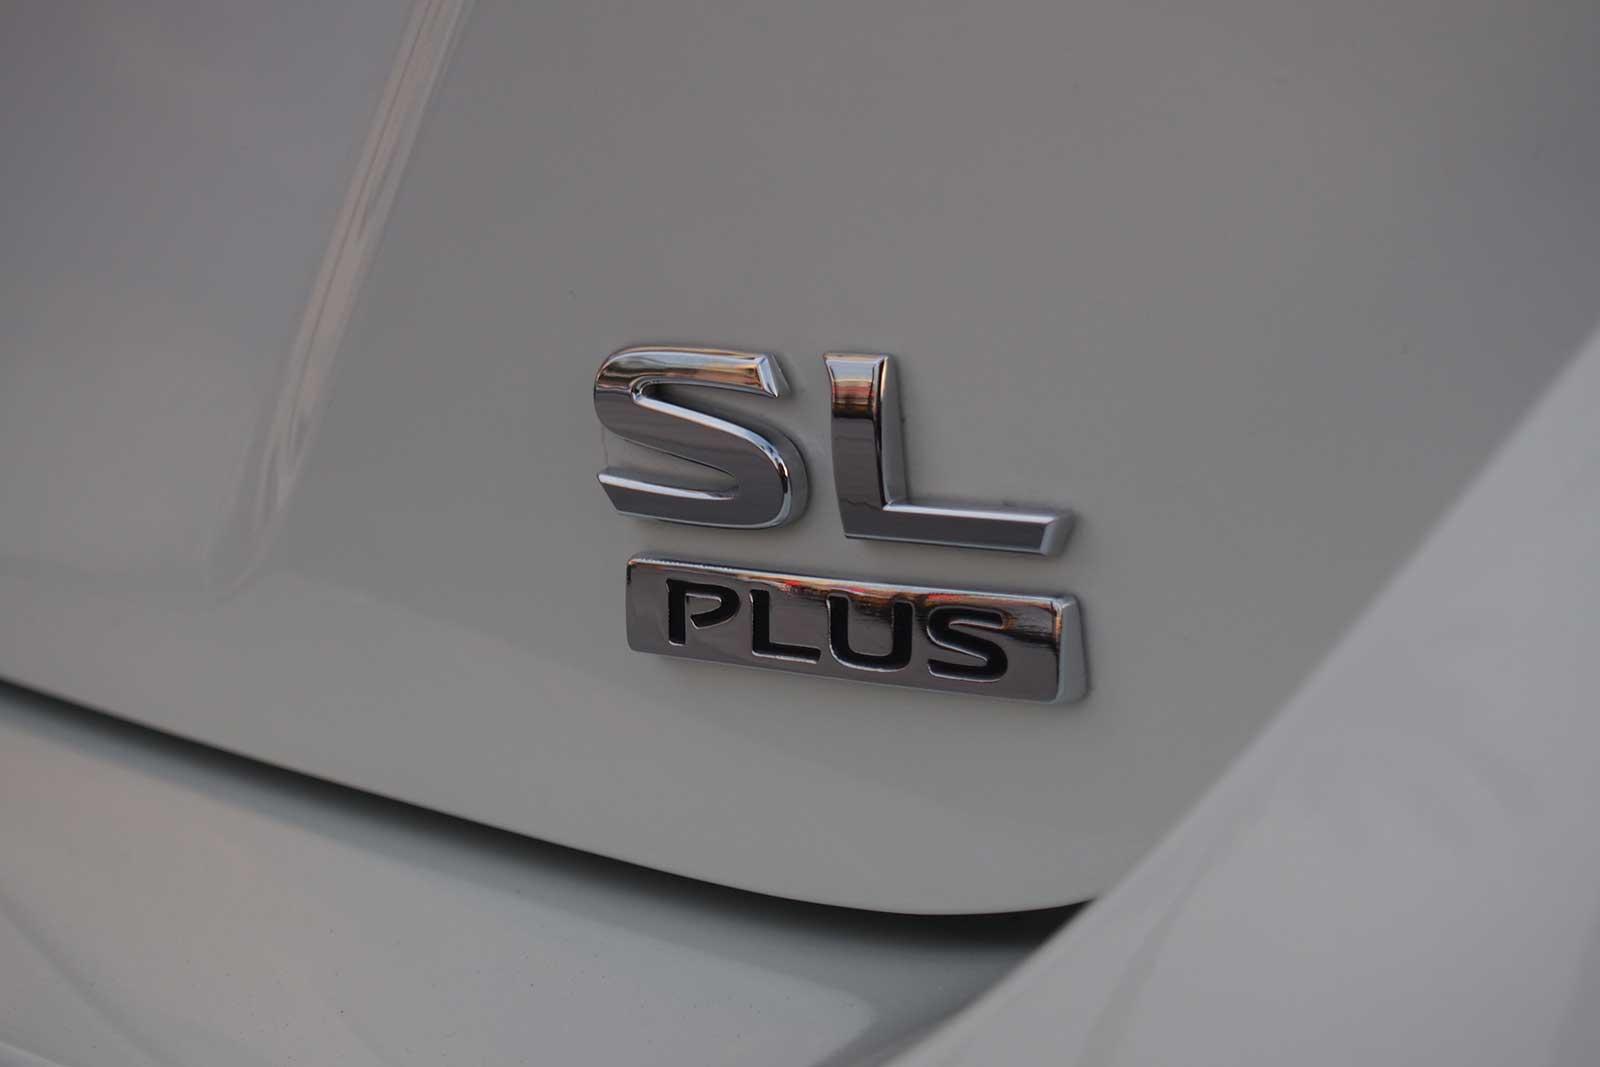 2019-Nissan-Leaf-Plus-07